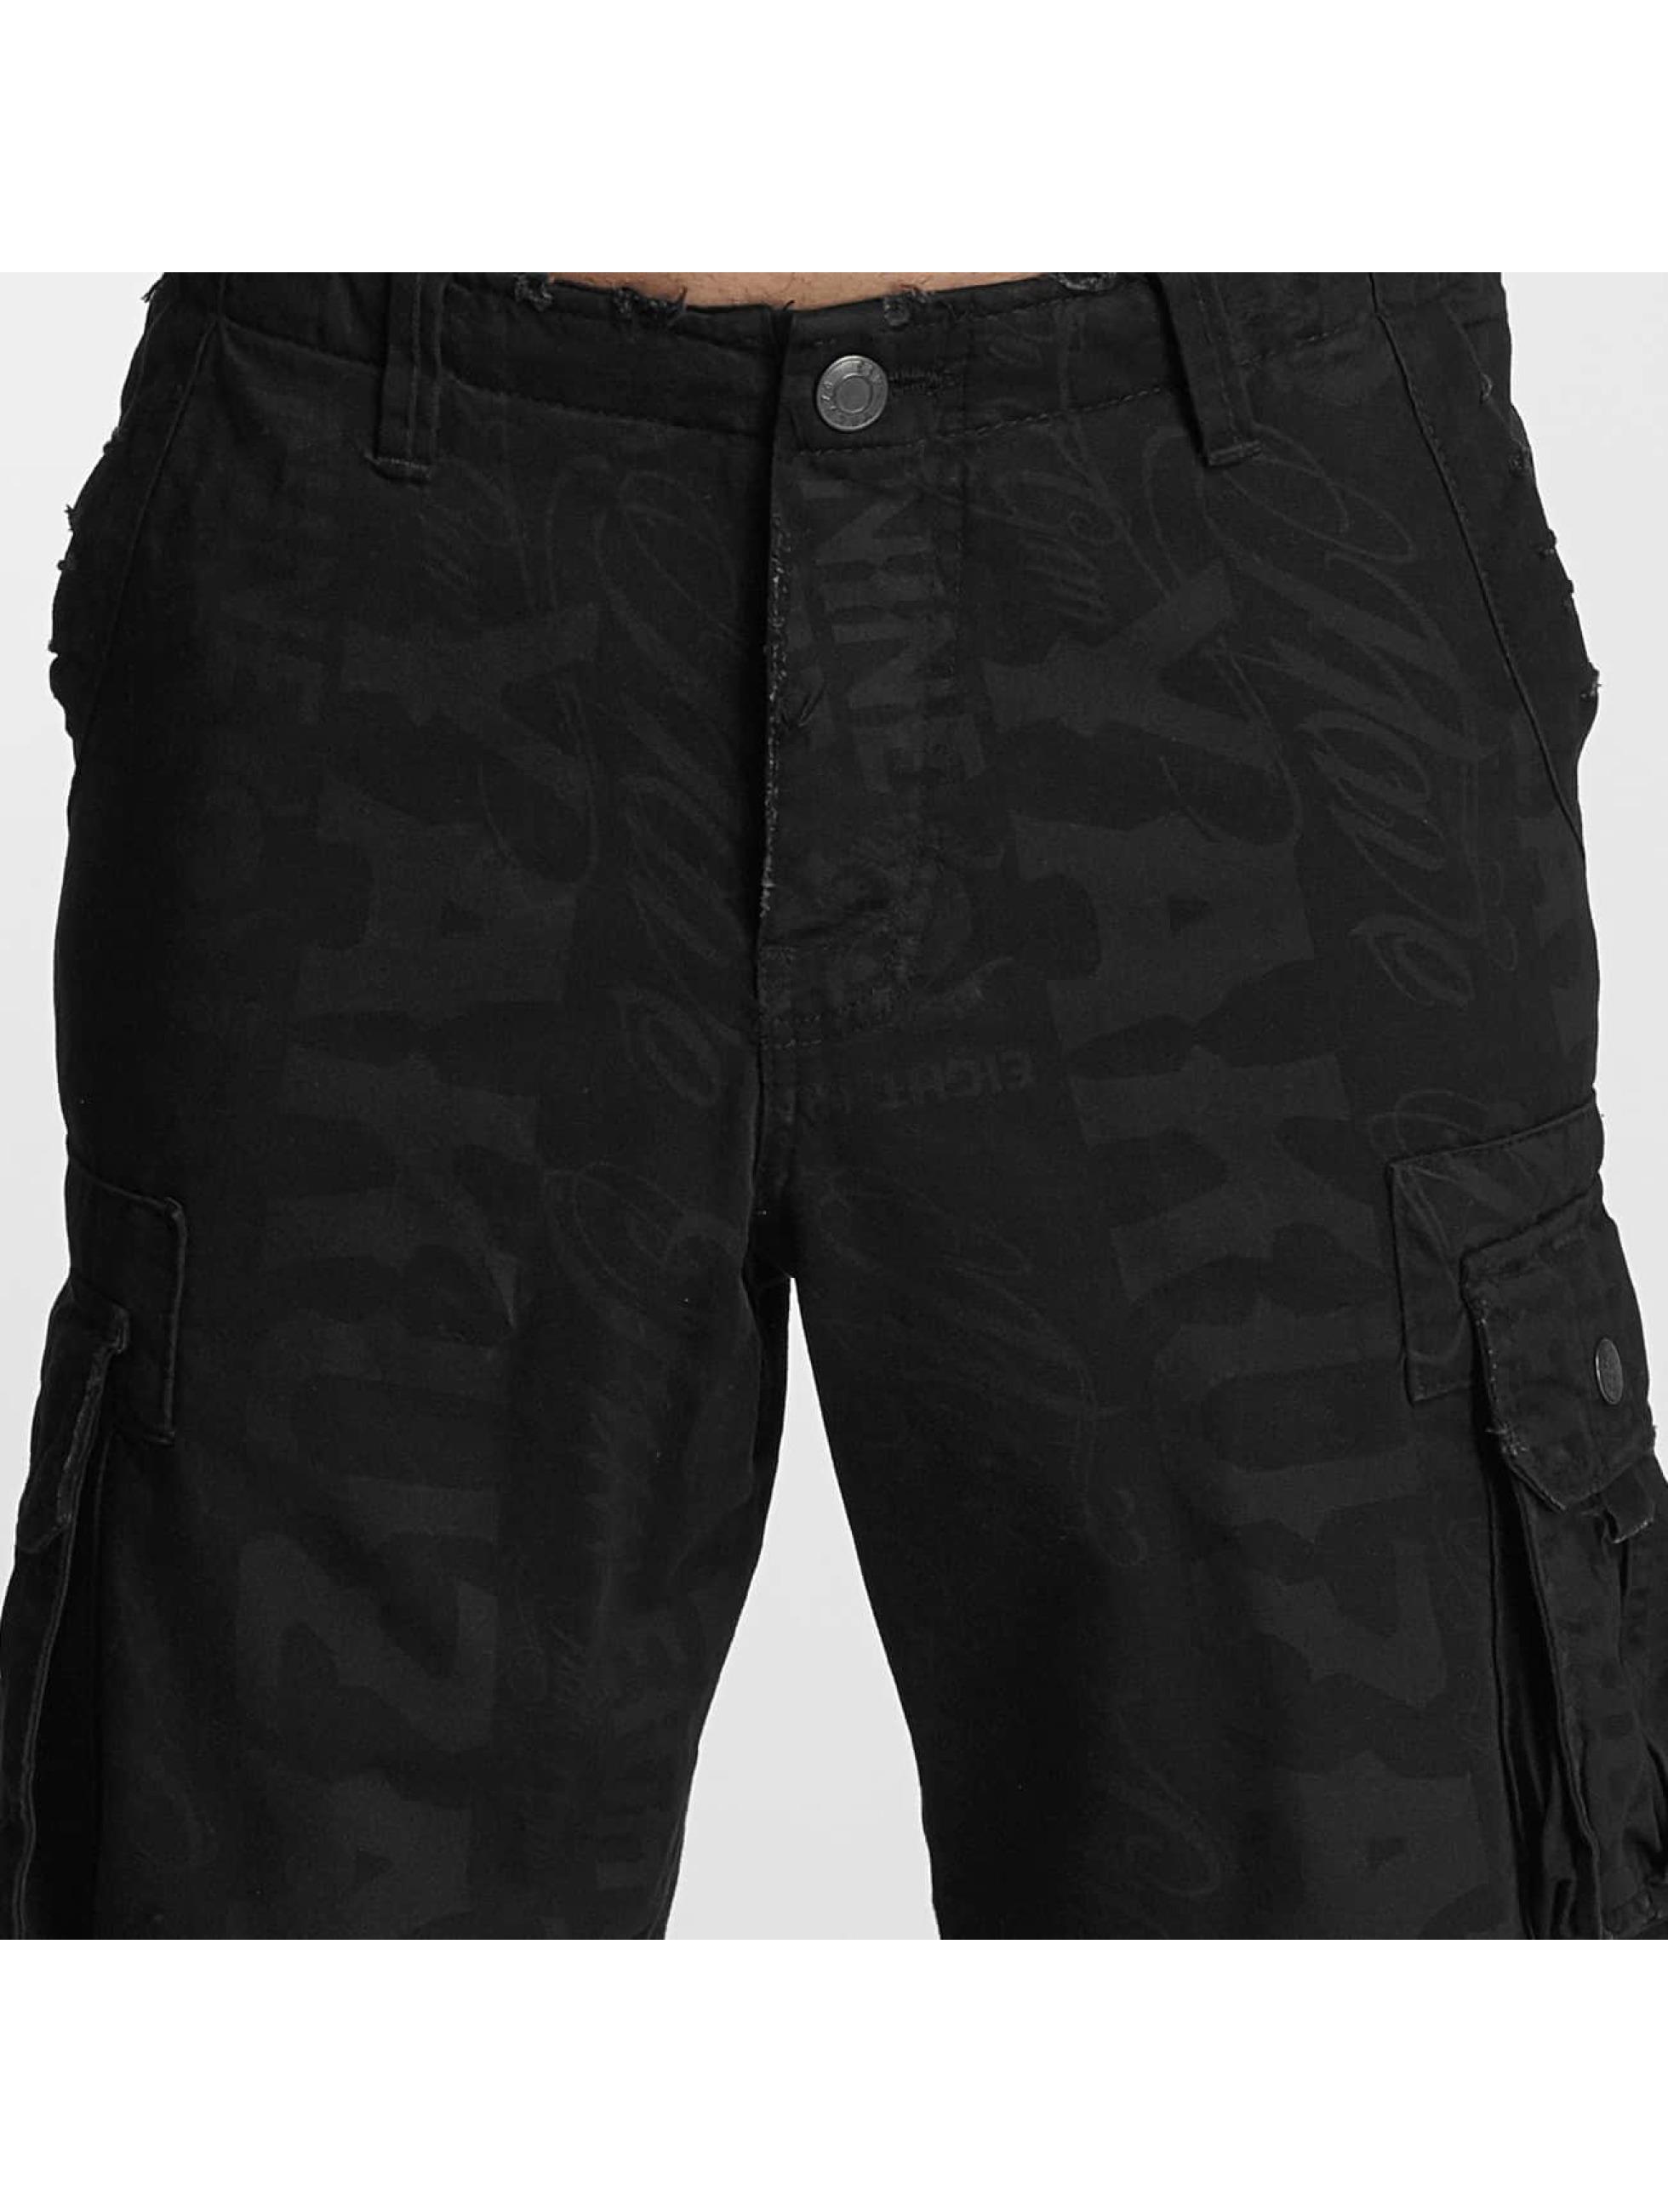 Yakuza Shorts Allover svart